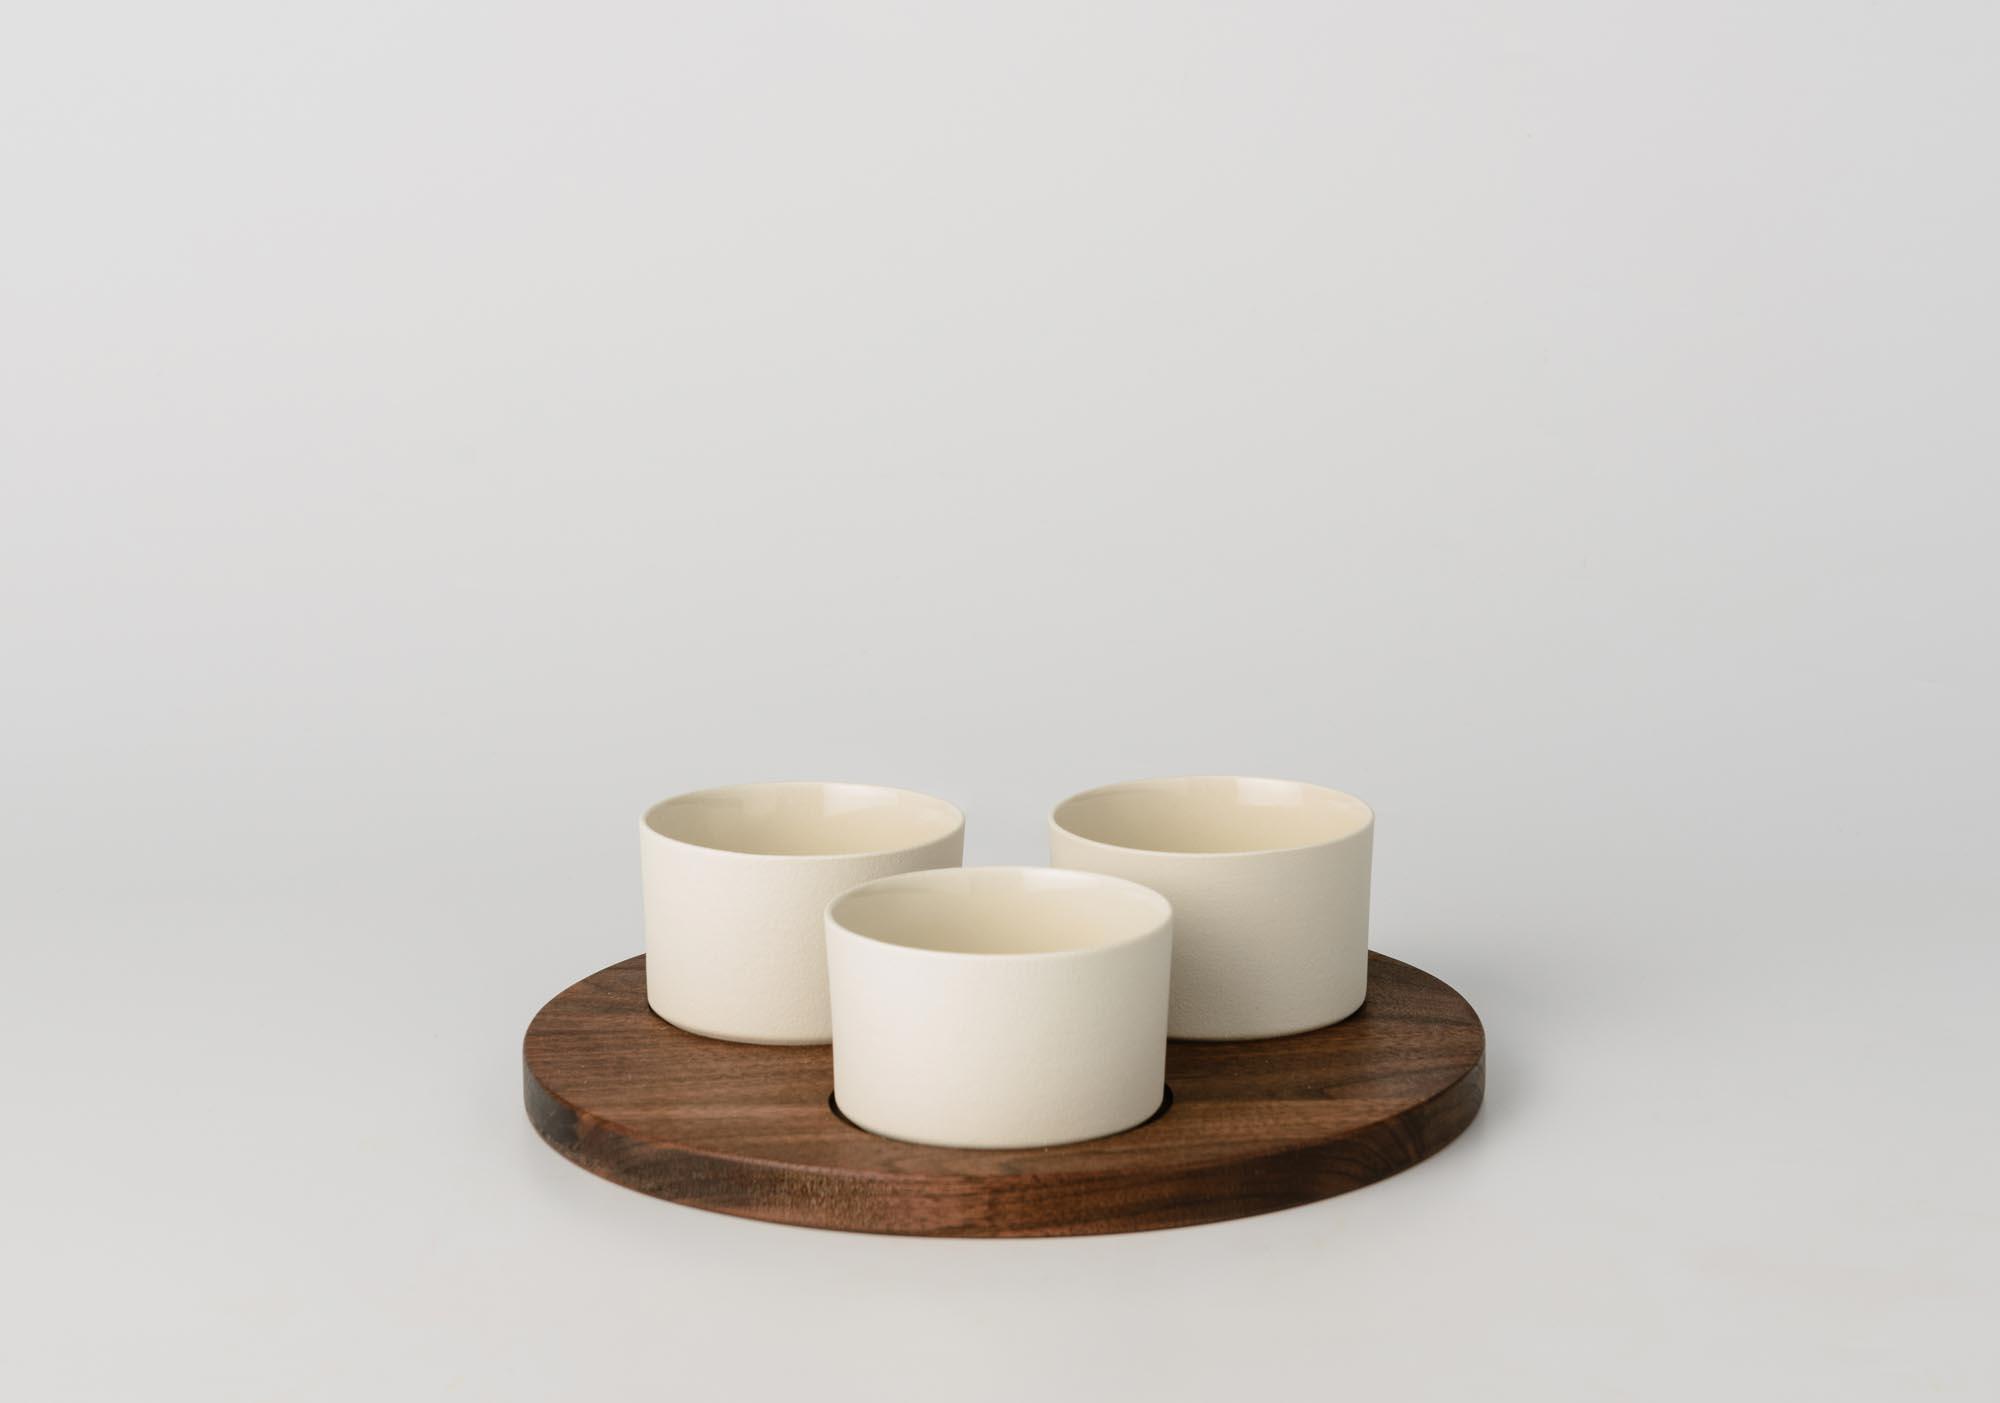 Ciotole In Ceramica.Antipastiera Con Ciotole Tonde In Ceramica E Vassoio In Legno